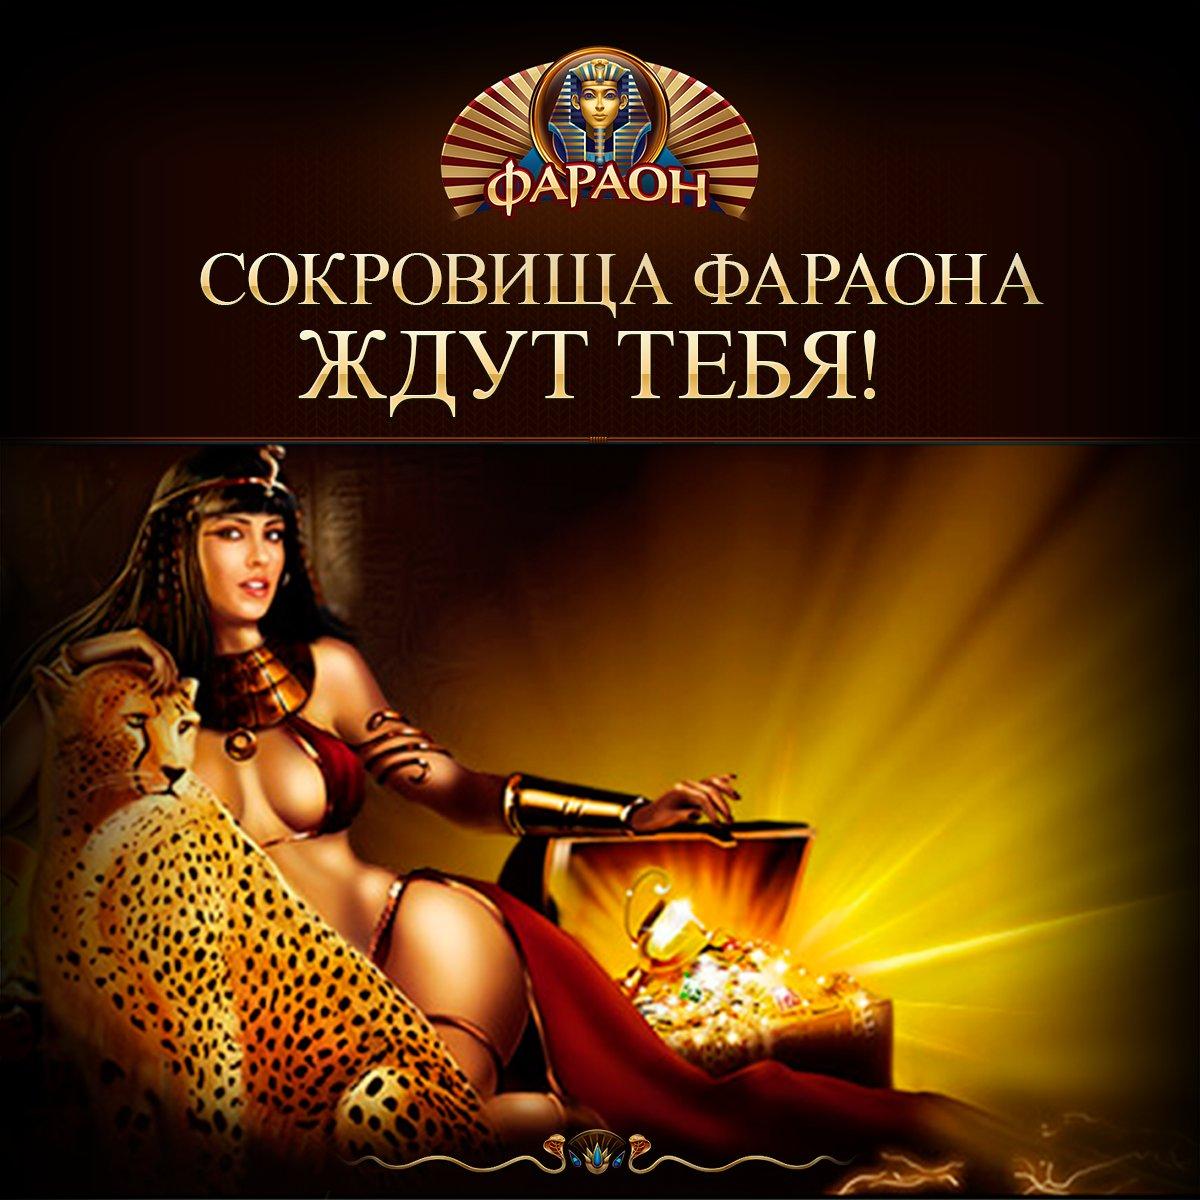 фото Фараон куш казино сорвать